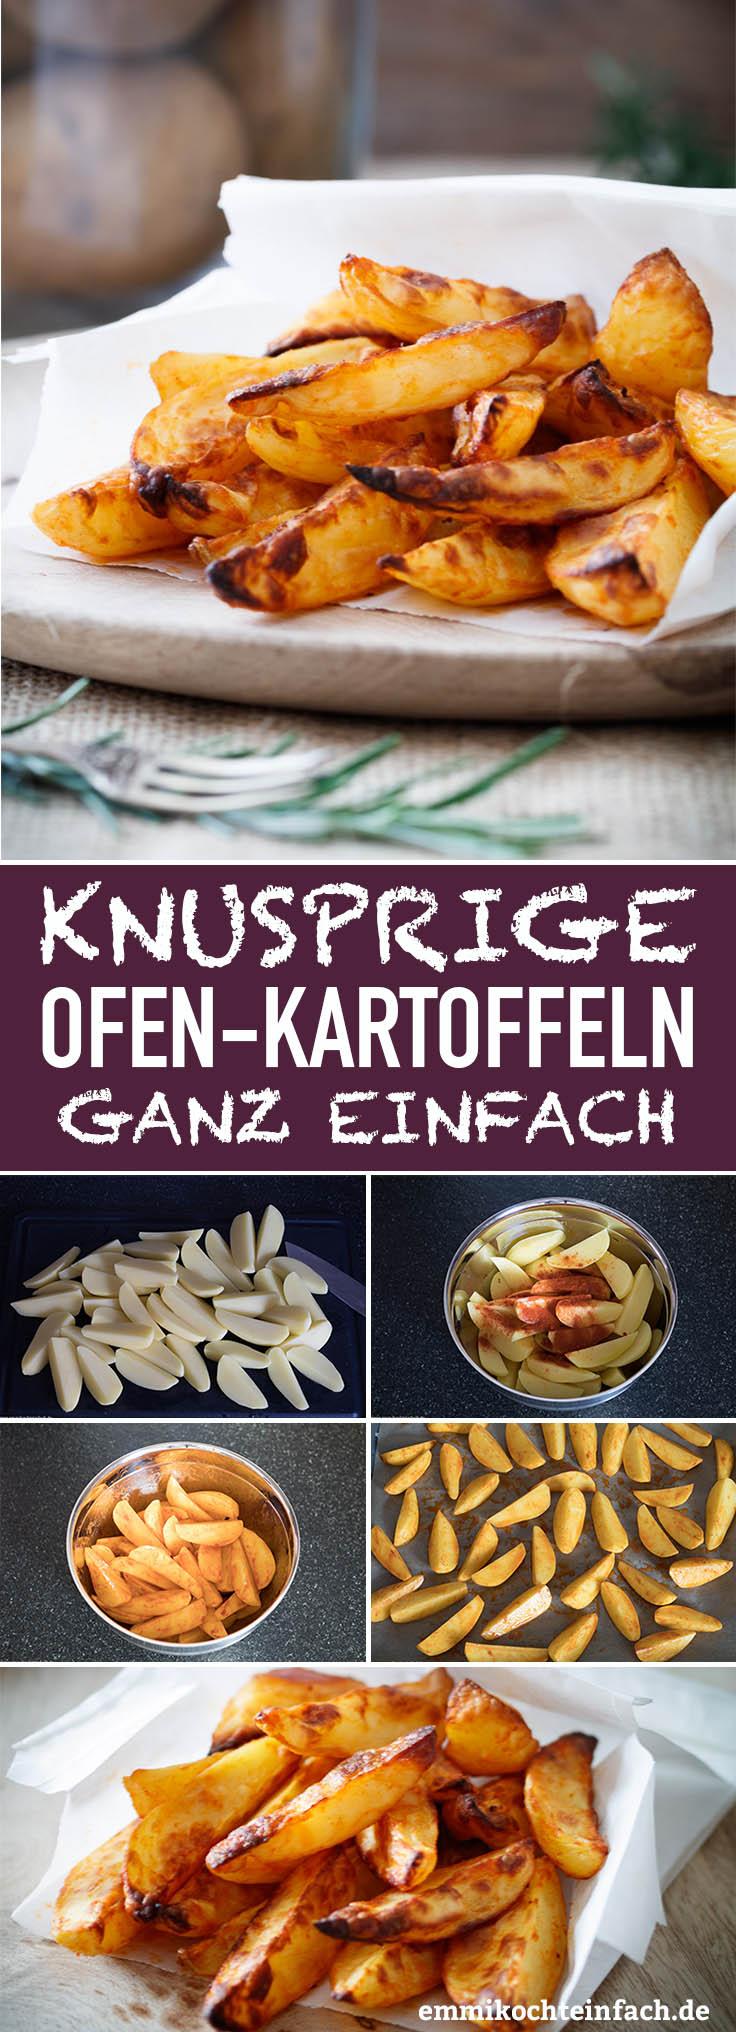 Knusprige Ofenkartoffeln - www.emmikochteinfach.de